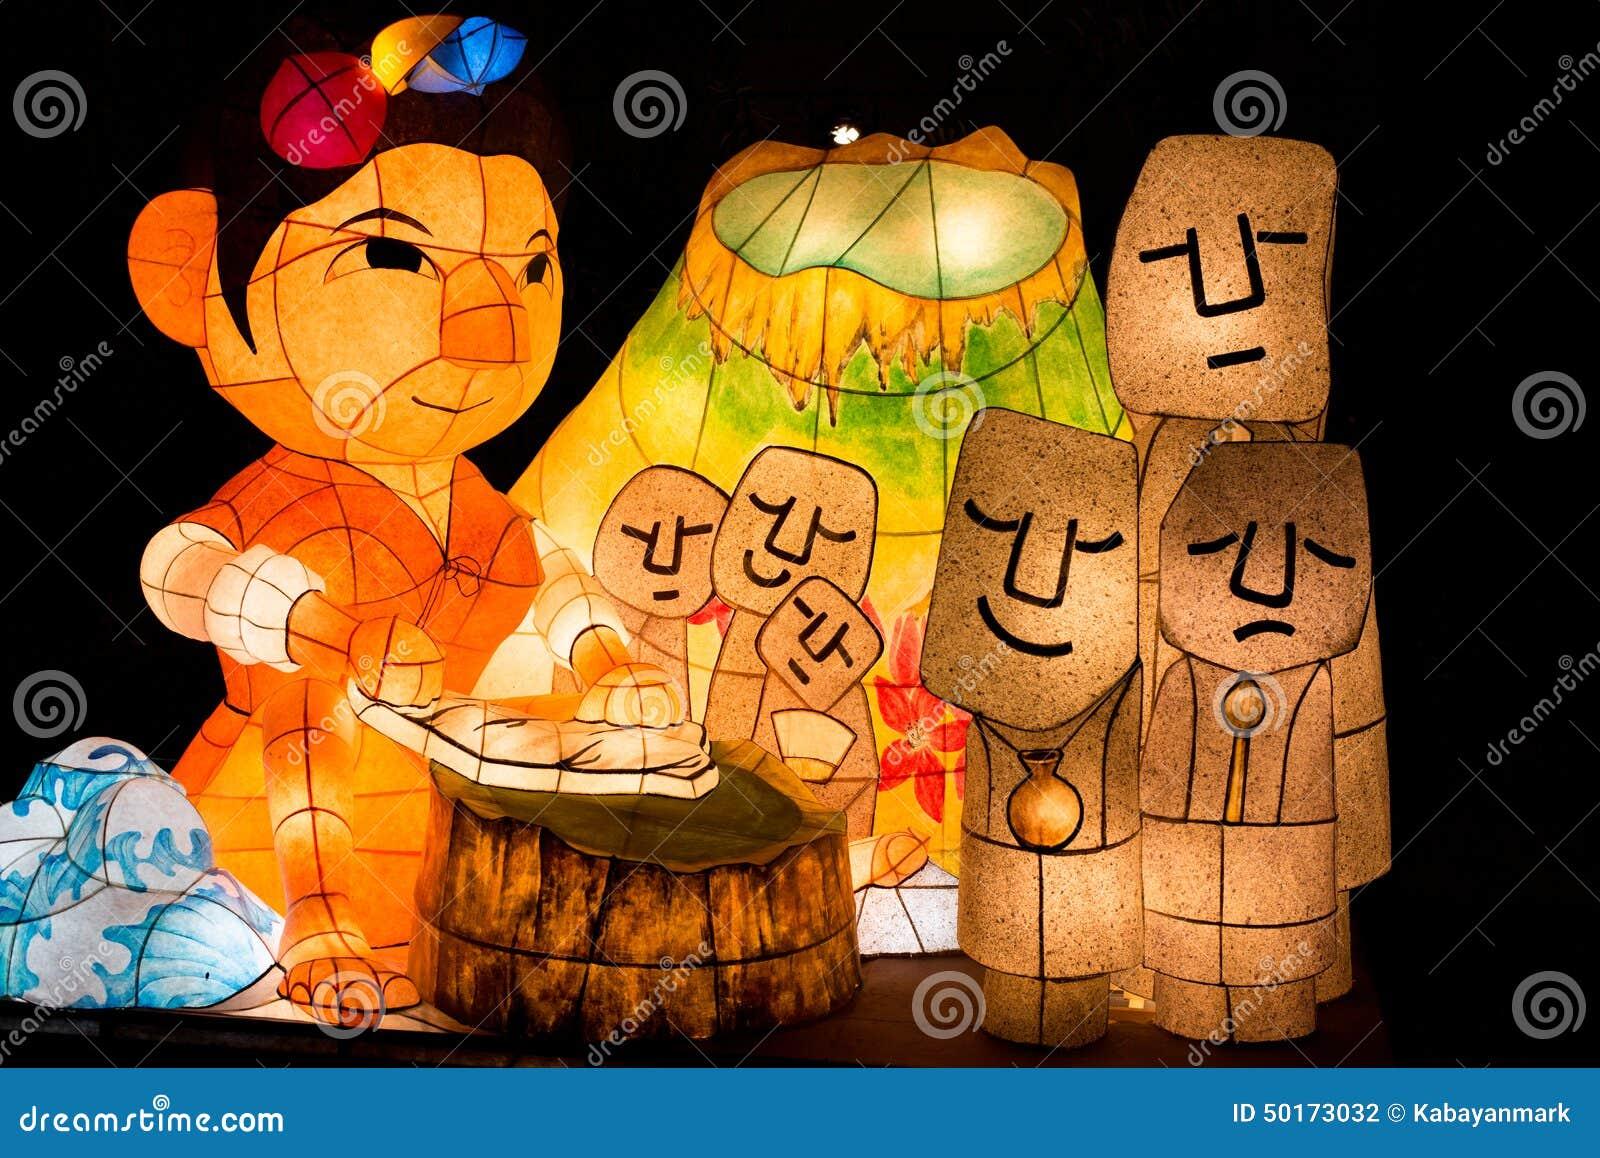 Φεστιβάλ φαναριών, Σεούλ, χαρακτήρες φαναριών εγγράφου στο μαύρο υπόβαθρο